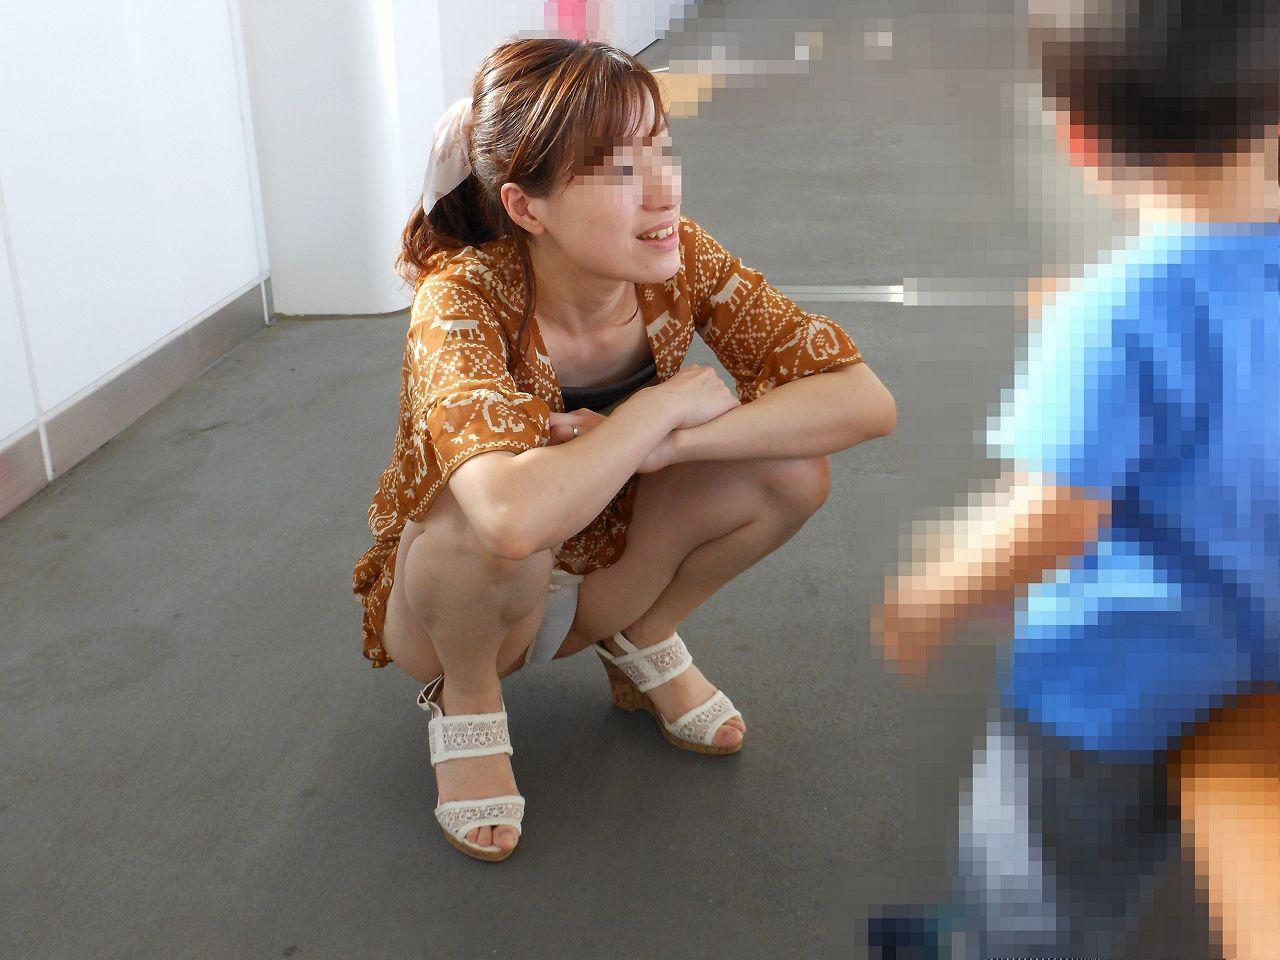 【子連れママパンチラ】近所の奥さんのパンチラって思うとめっちゃ興奮する!!子連れママさんの卑猥な股間がまる見えパンチラ画像 その1